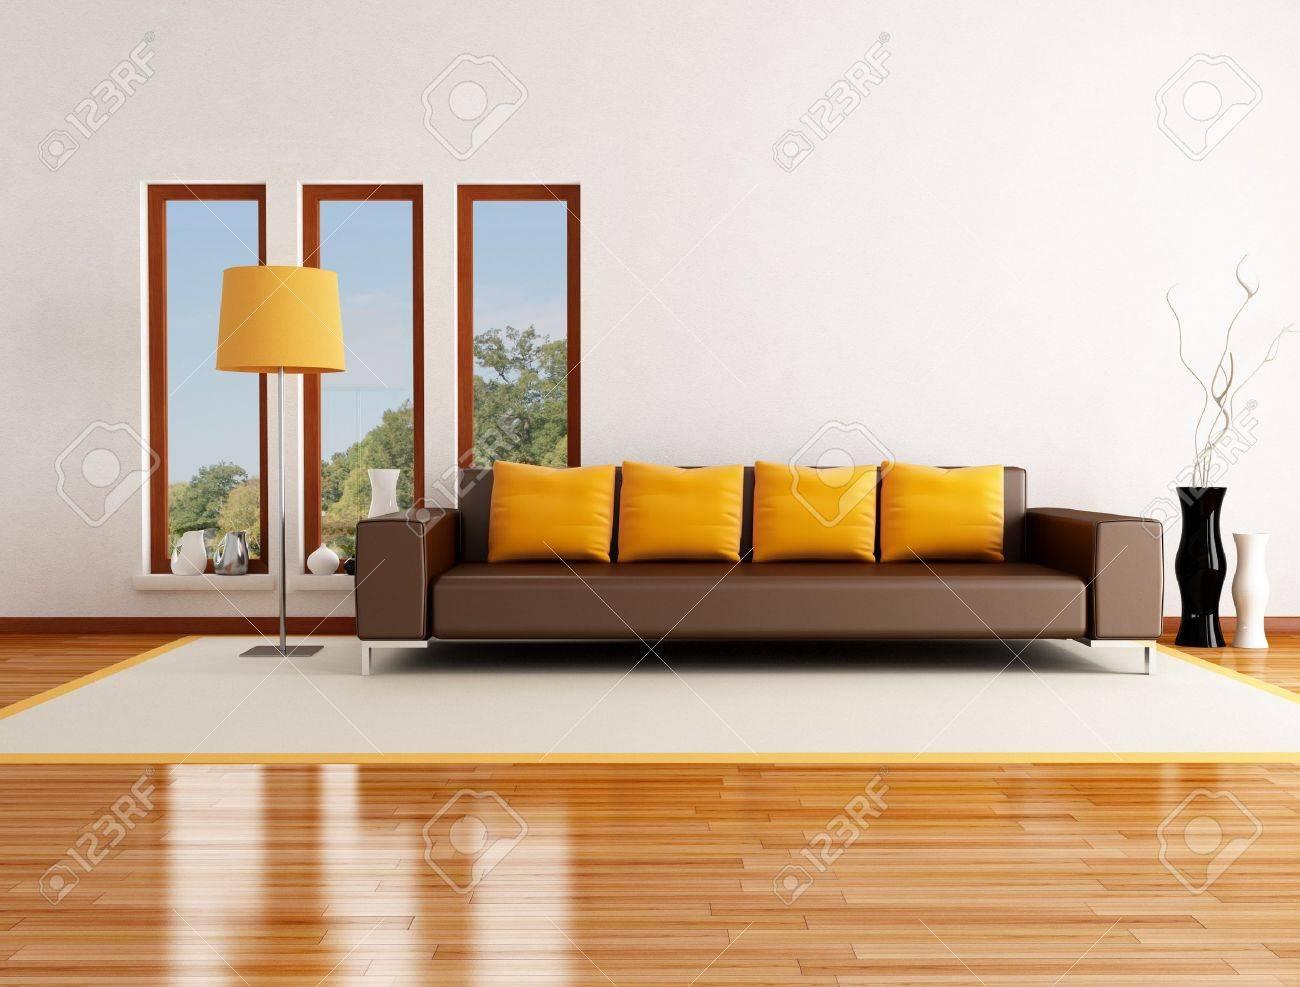 Moderne wohnzimmer in einem landhaus rendering das bild auf hintergrund ist ein mein foto